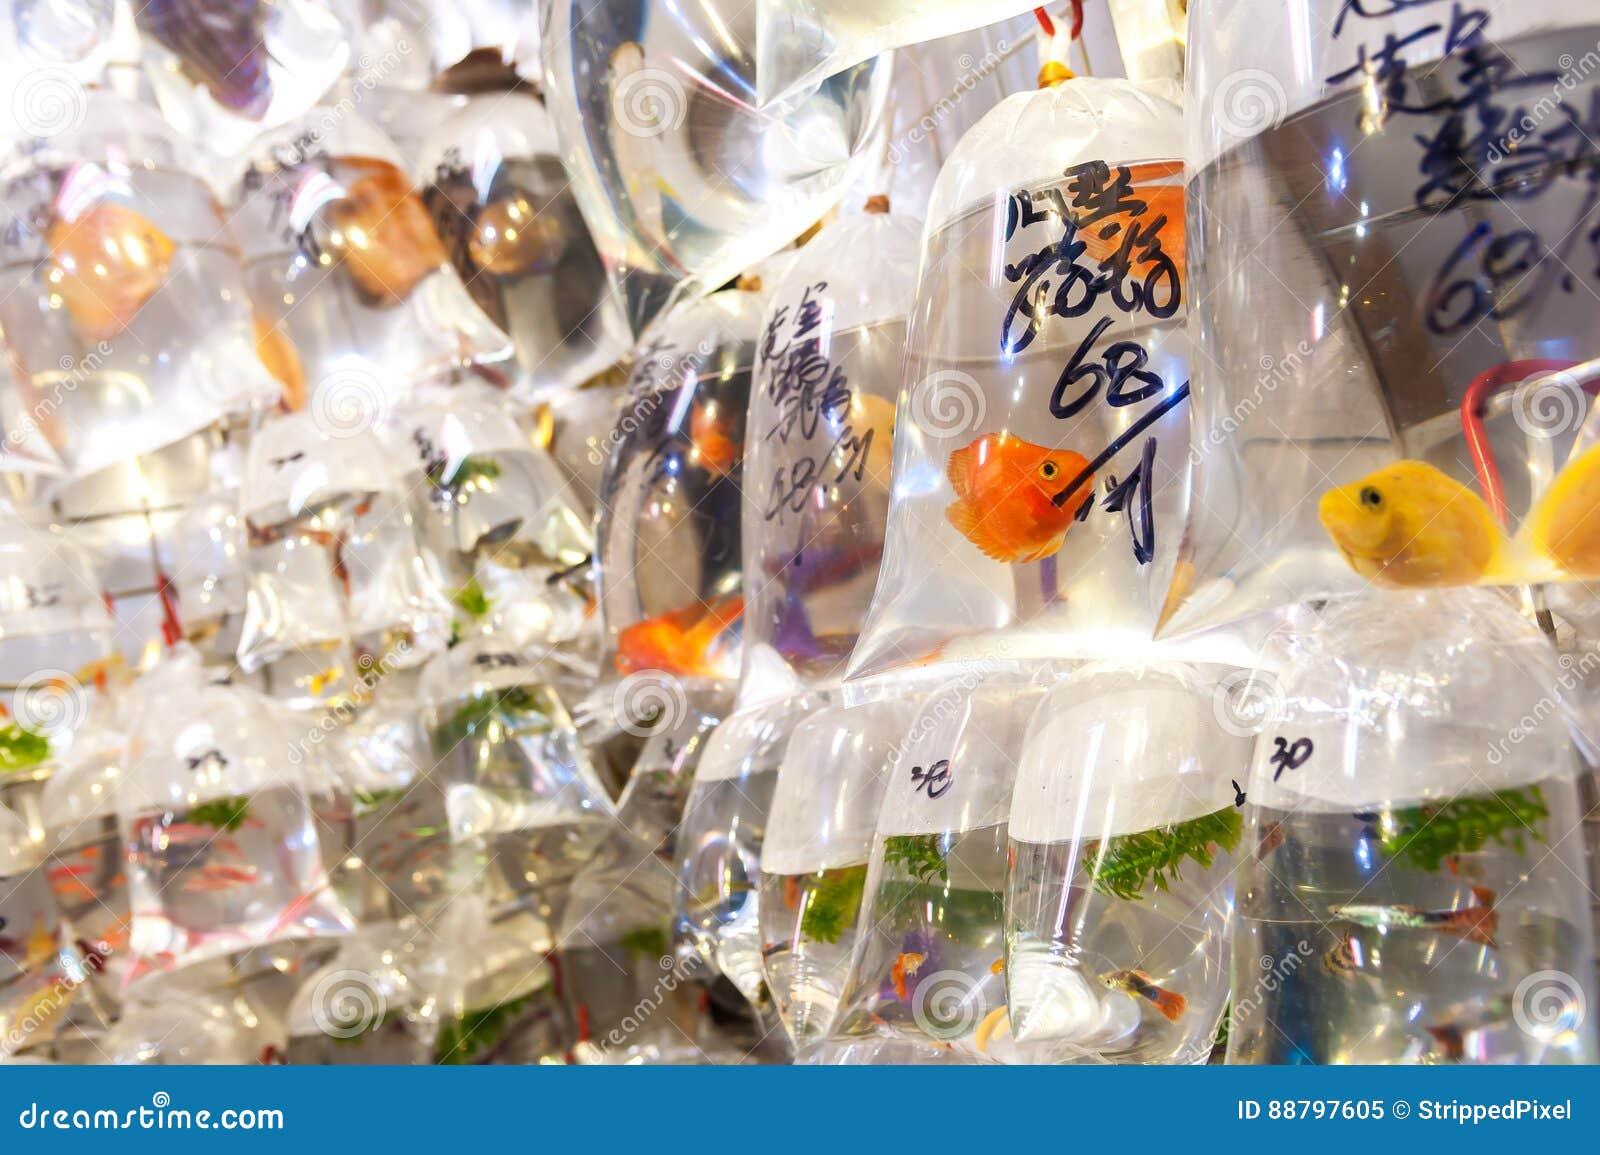 Die tropischen Fische, die in den Plastiktaschen bei Tung Choi Street hängen, gehen